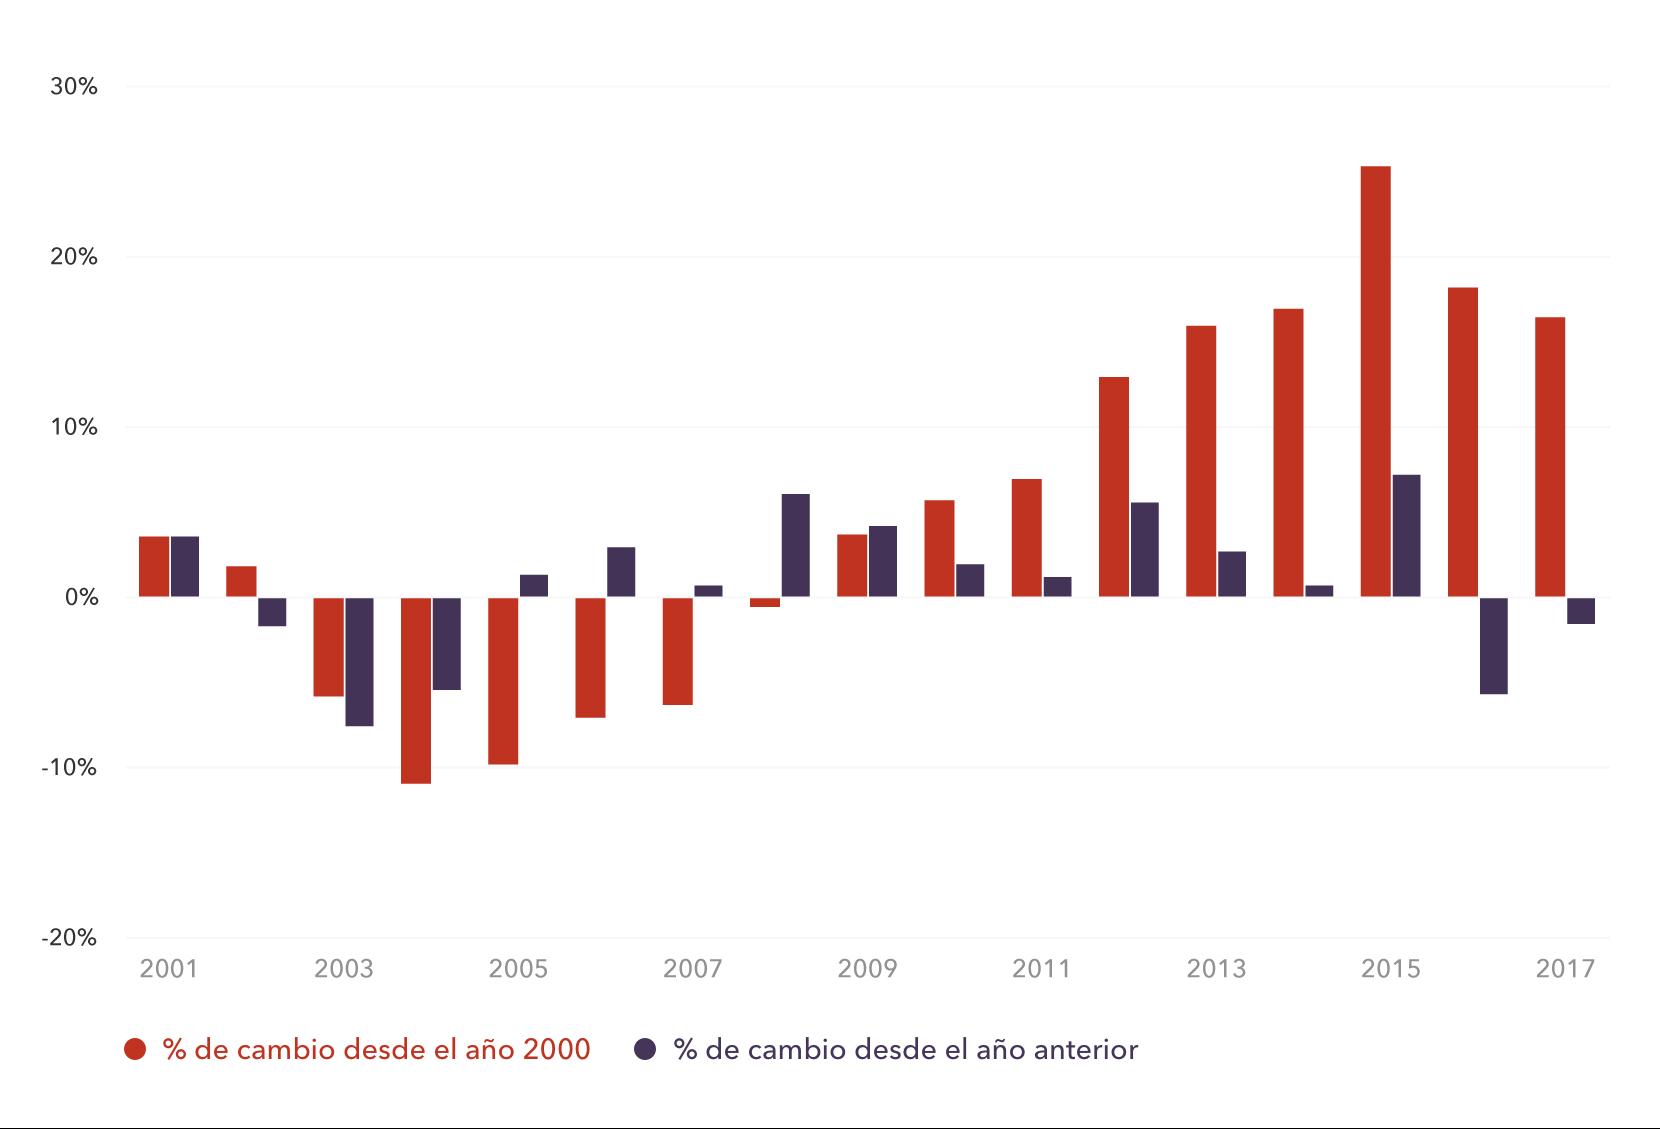 Cambio en el valor del yuan chino (CNY) desde 2000